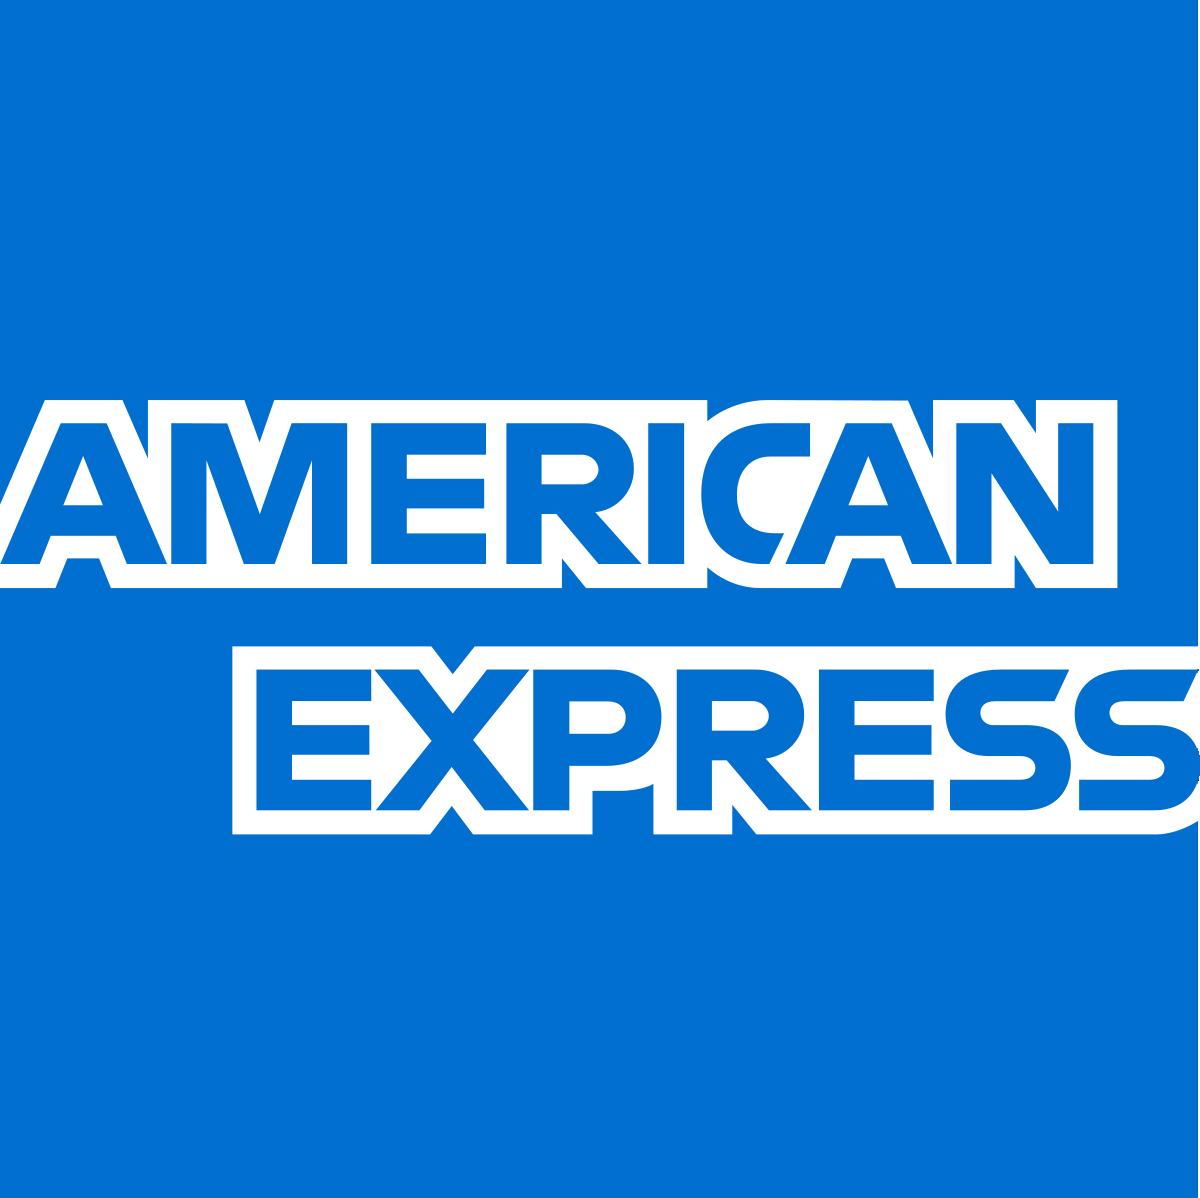 American express logo color scheme